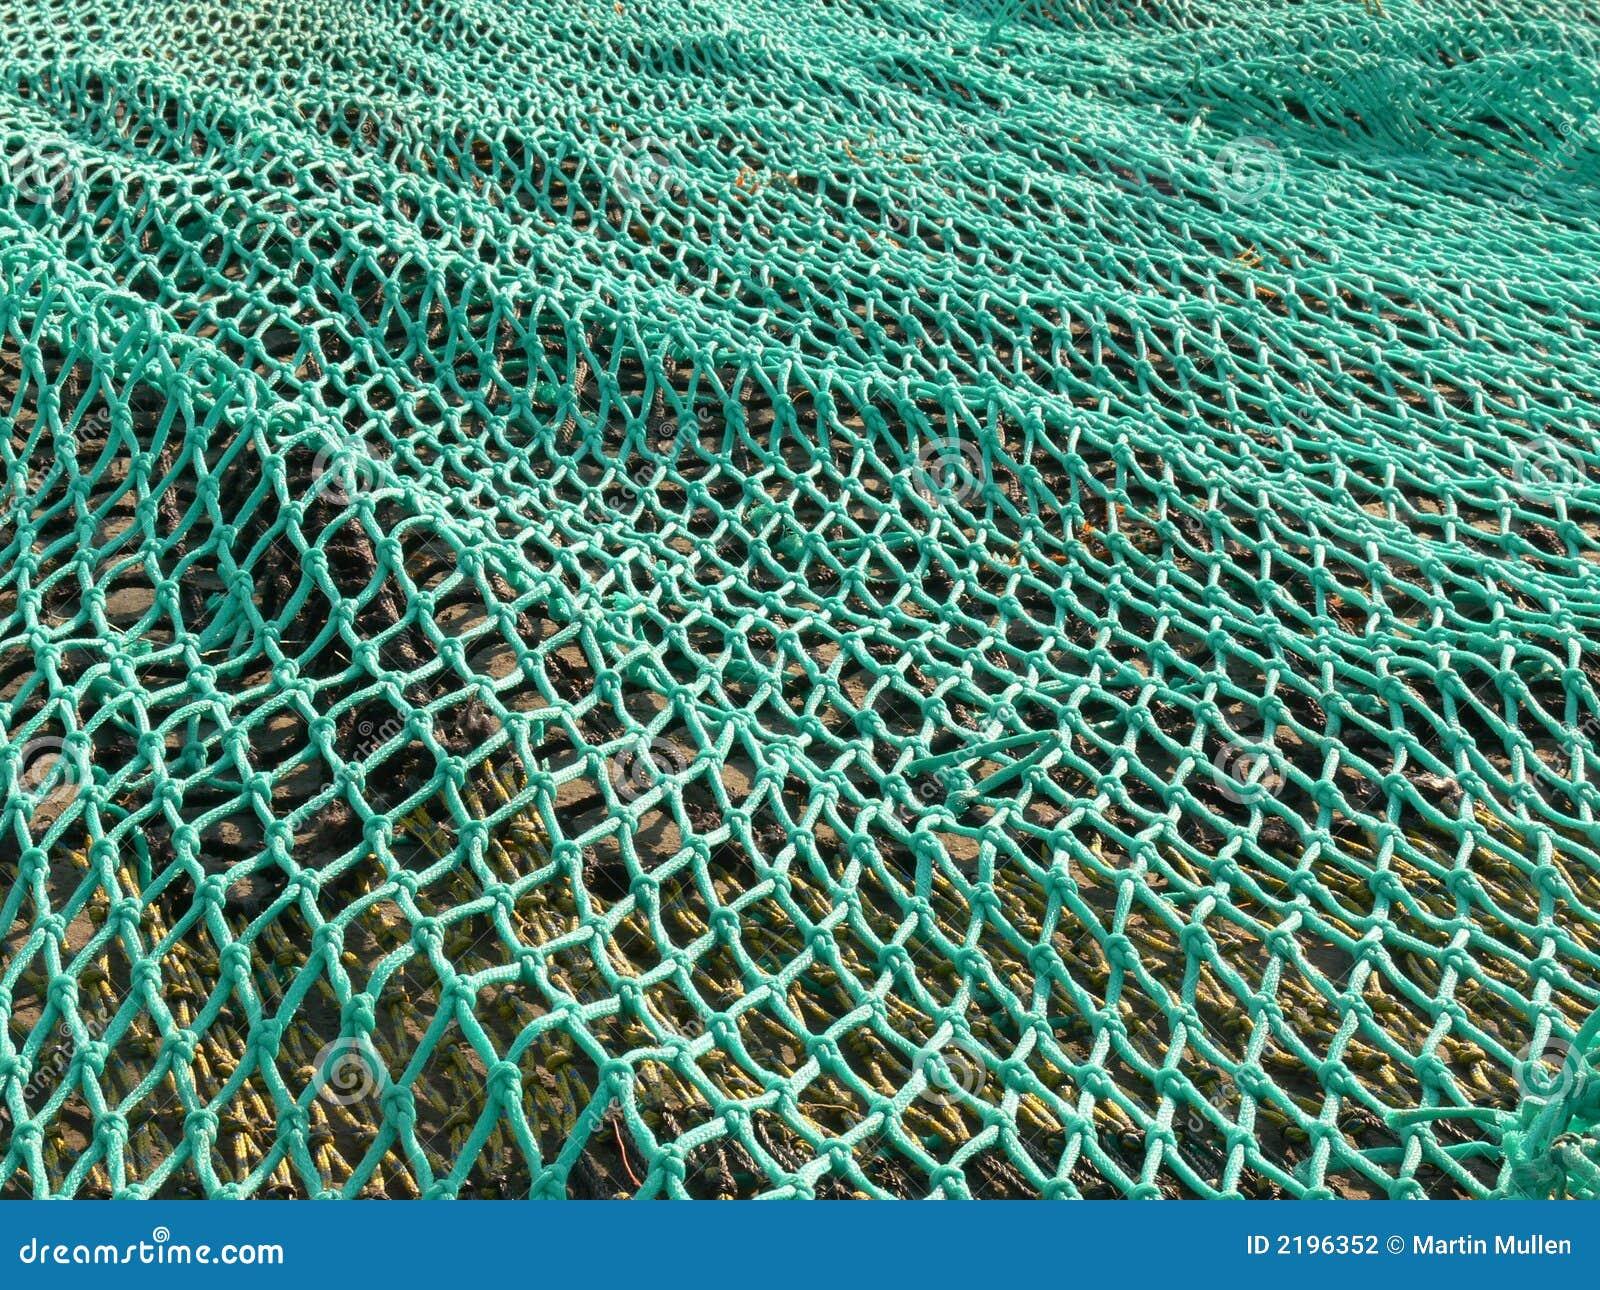 Rede de pesca fotografia de stock imagem 2196352 - Redes de pesca decorativas ...